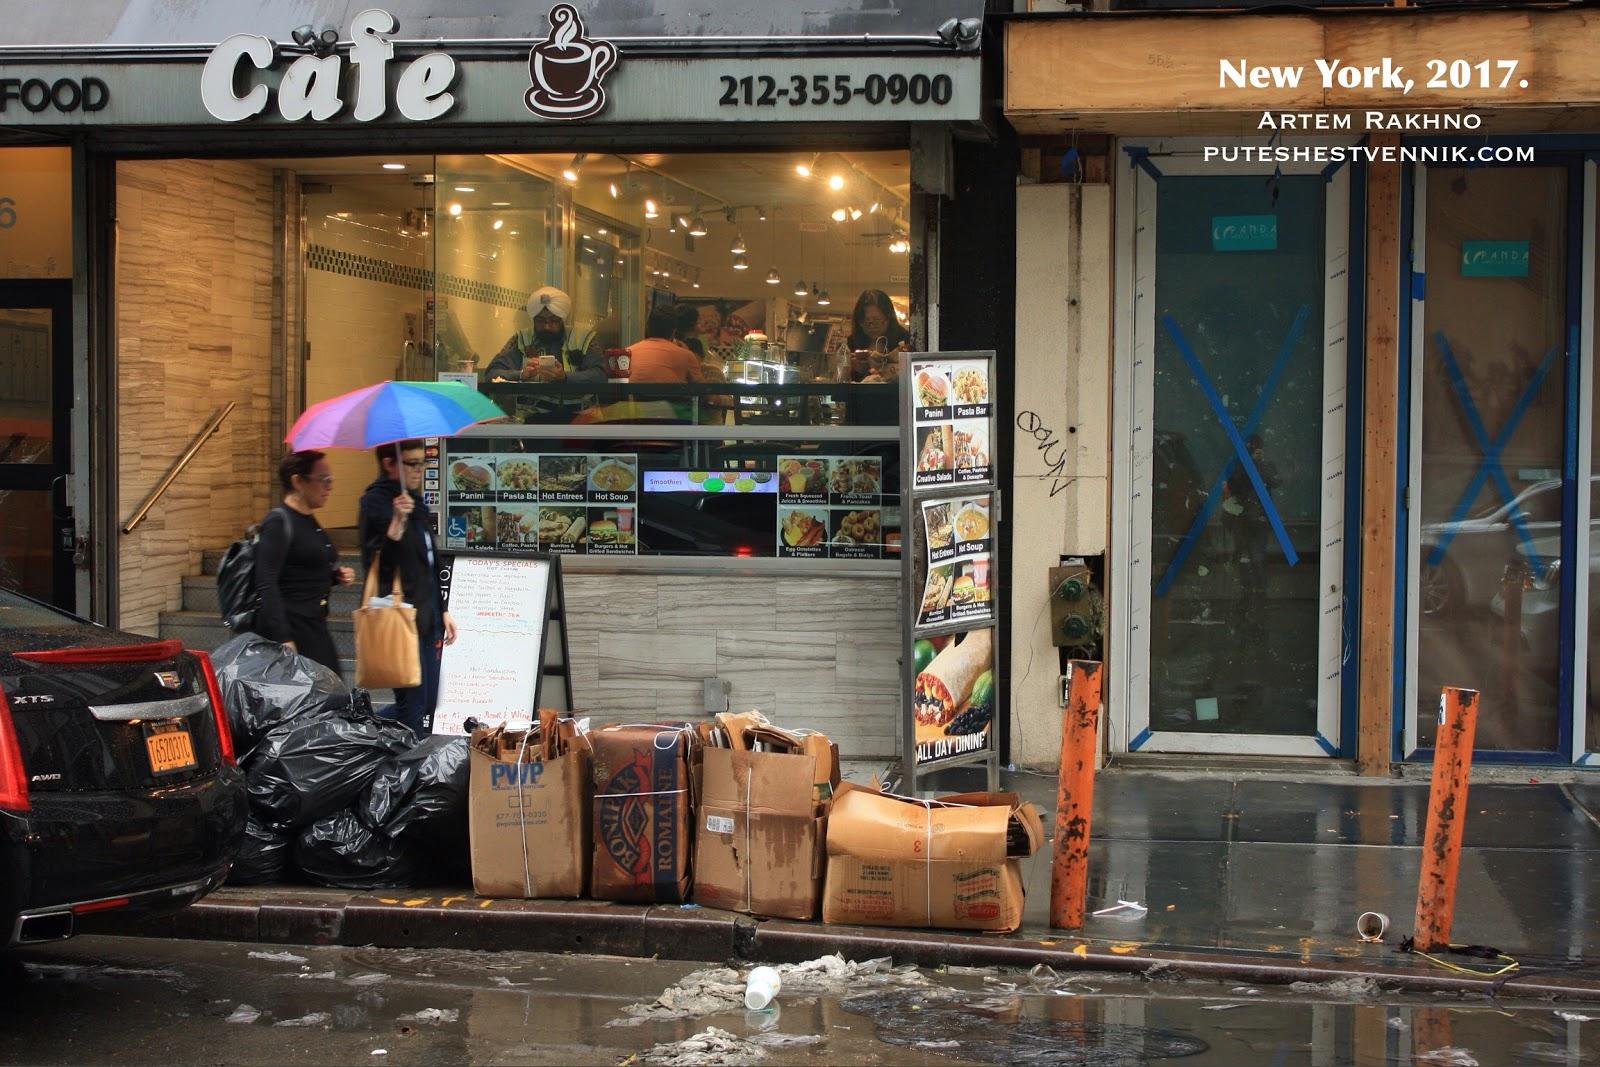 Кафе в Нью-Йорке